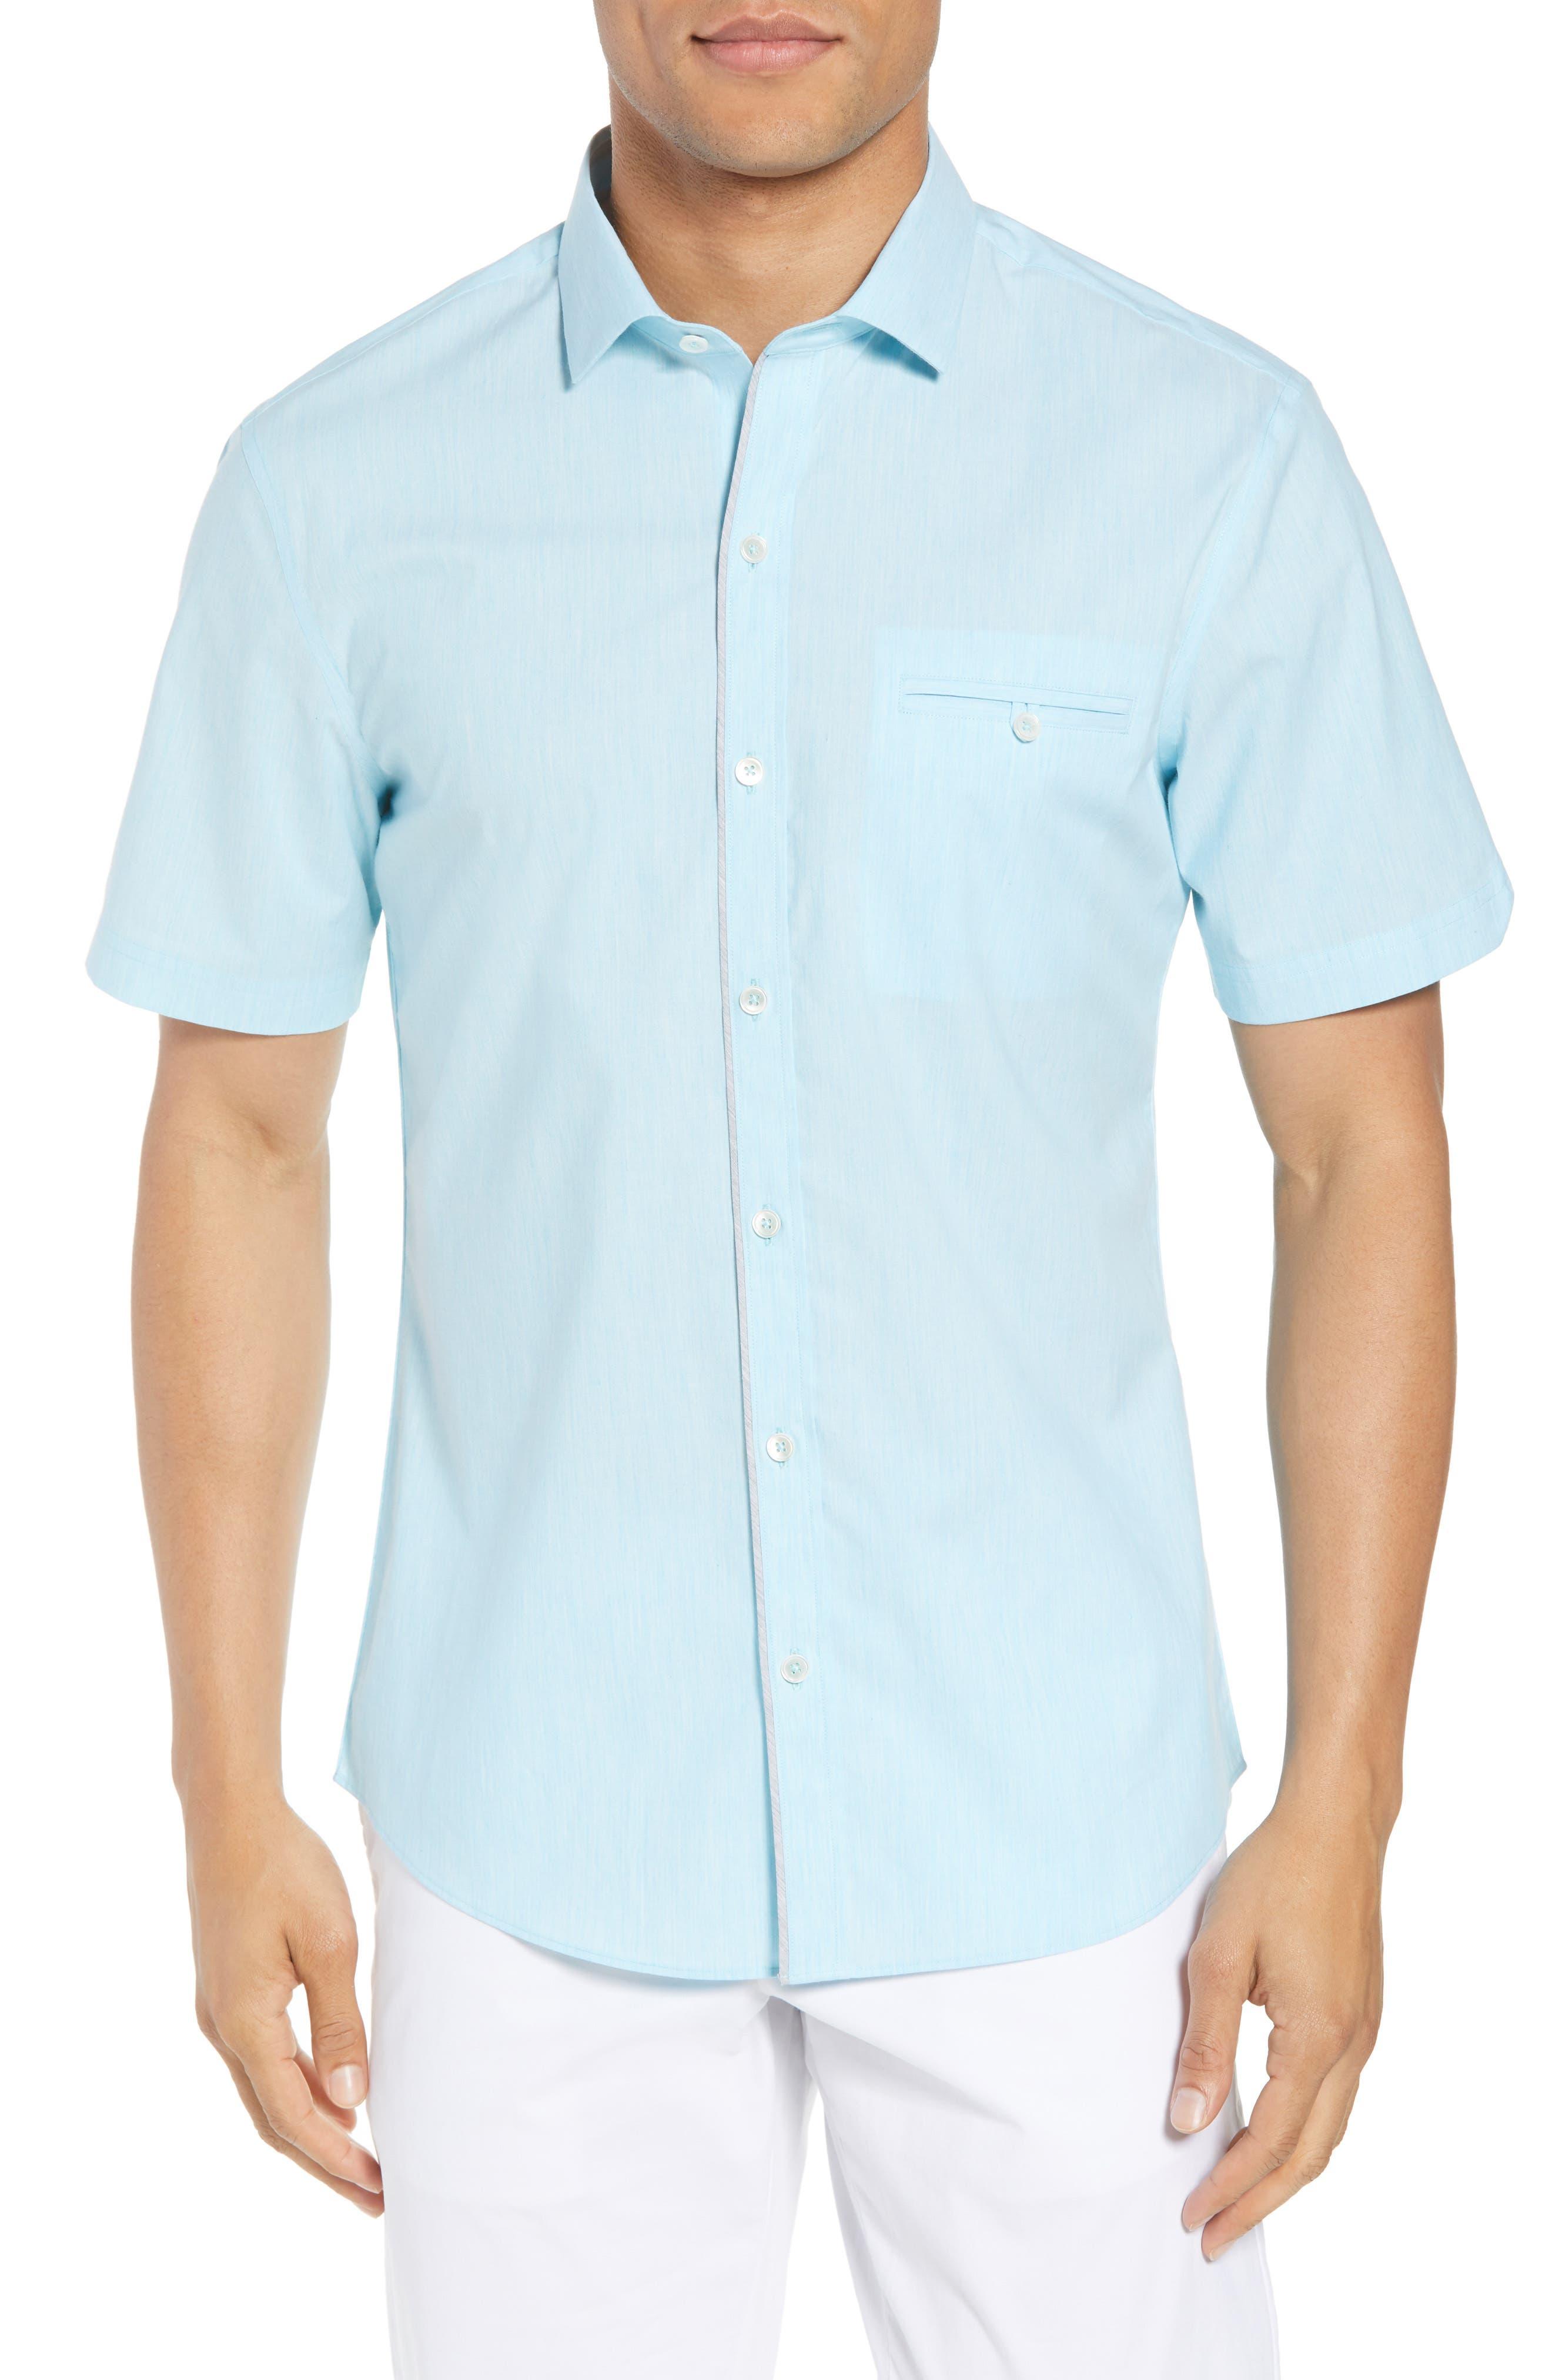 Baumann Slim Fit Sport Shirt,                             Main thumbnail 1, color,                             Aqua